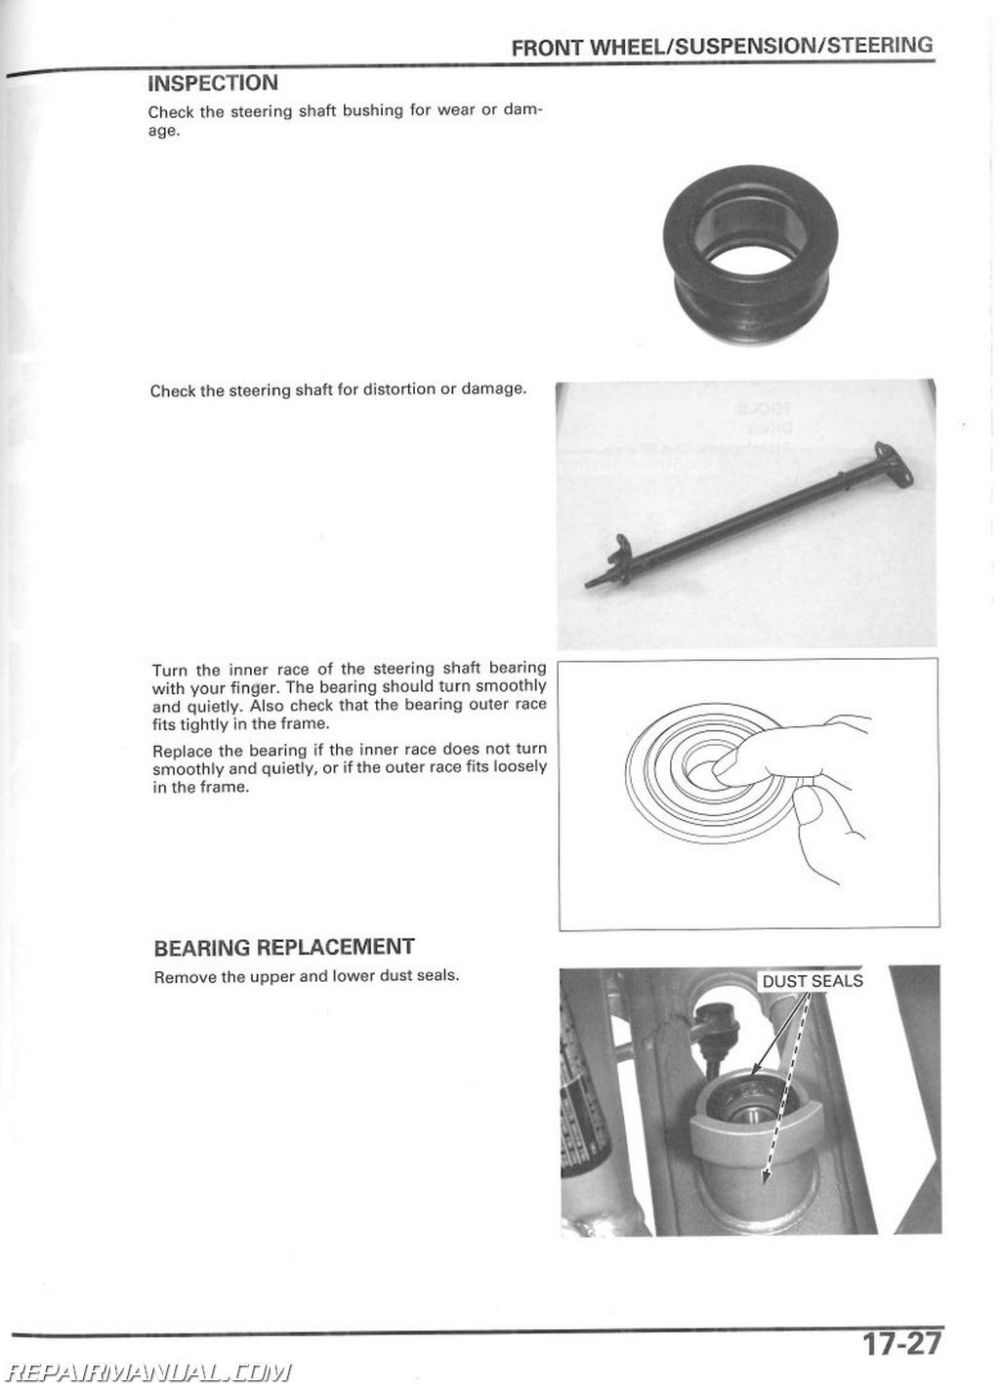 medium resolution of honda trx 450r wiring diagram wiring library rh 8 skriptoase de 2005 honda trx450r wiring diagram 2006 honda trx450r wiring diagram